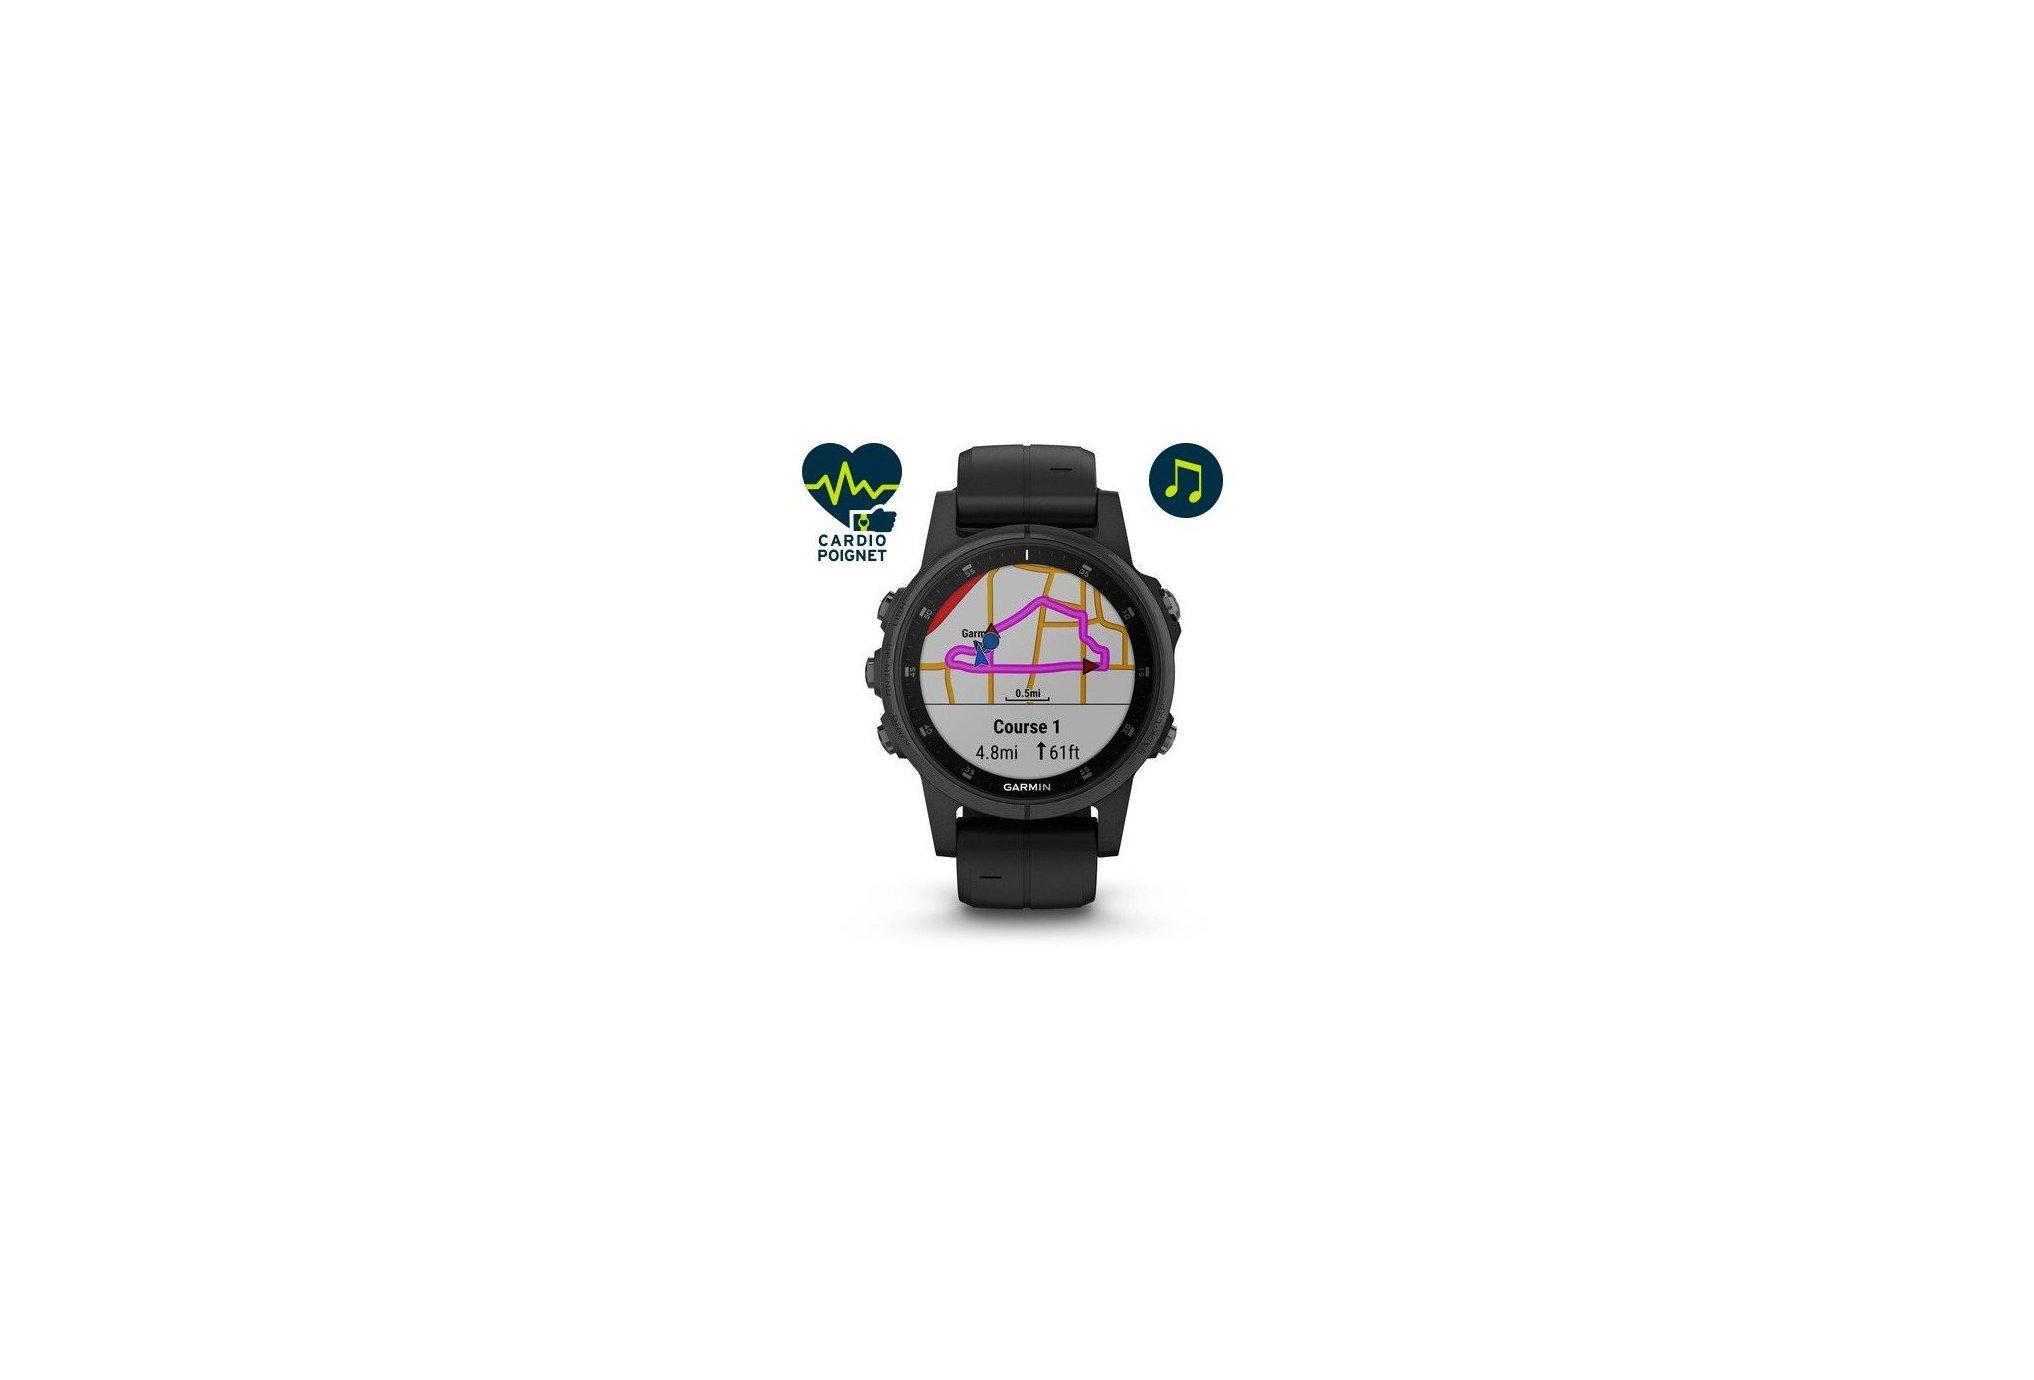 Garmin Fenix 5S Plus Black Zafiro Cardio-Gps